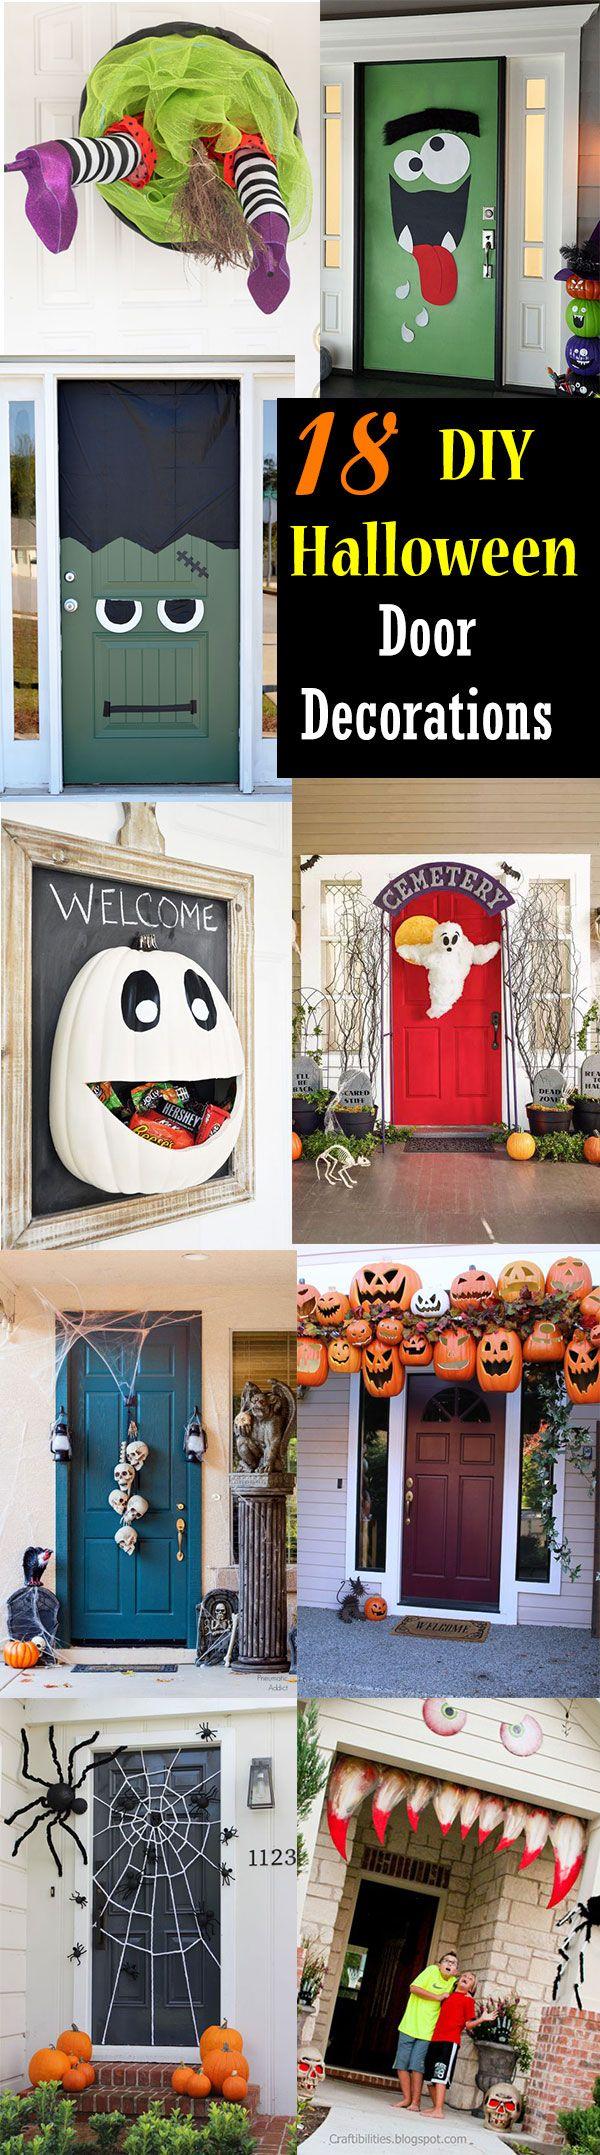 18 A Door Able Halloween Door Decorations You Can